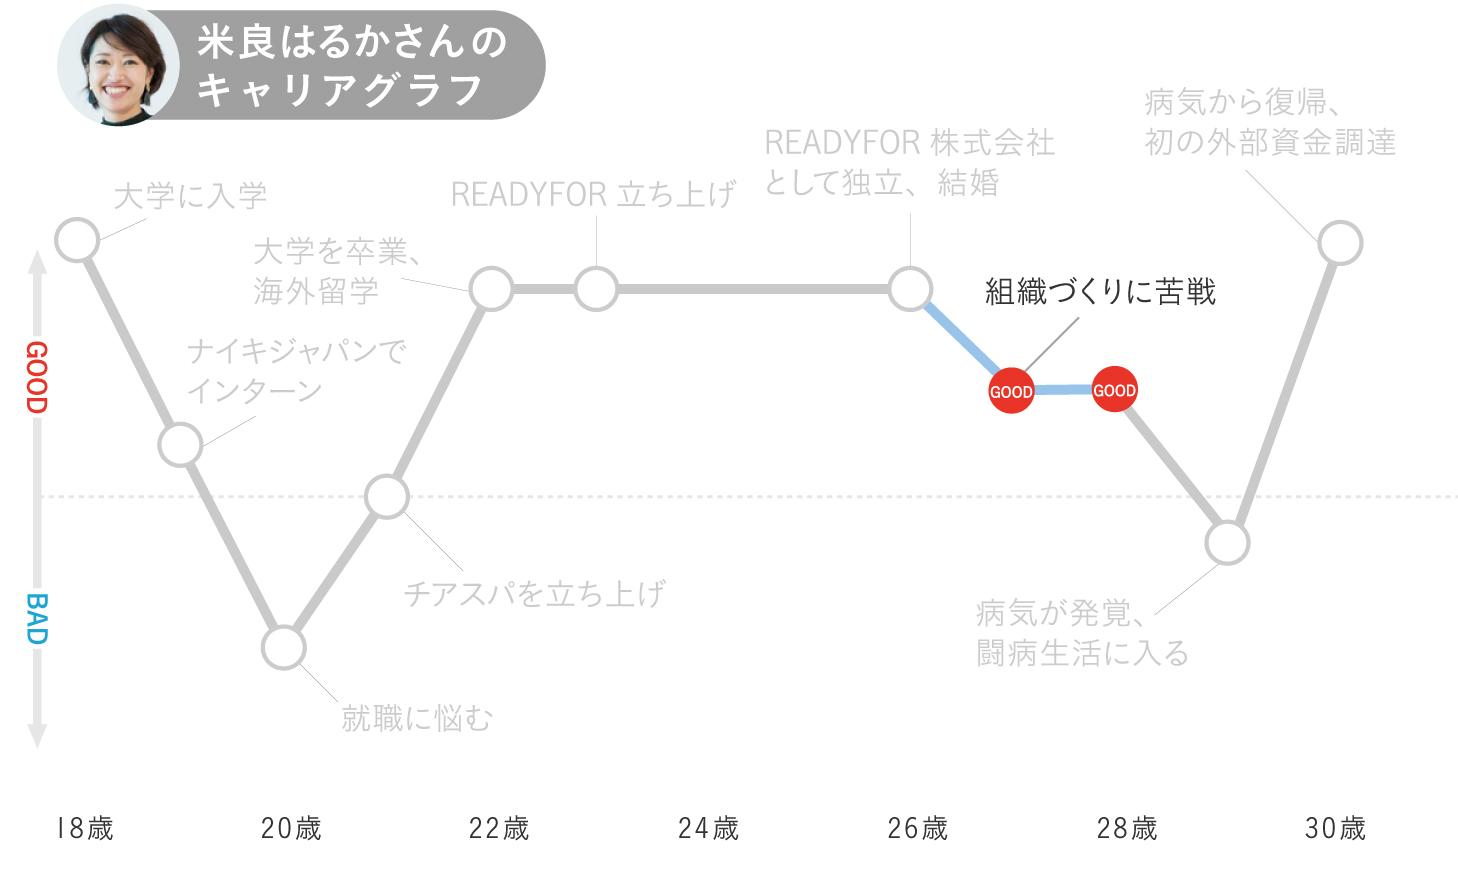 米良はるかのキャリアグラフ5